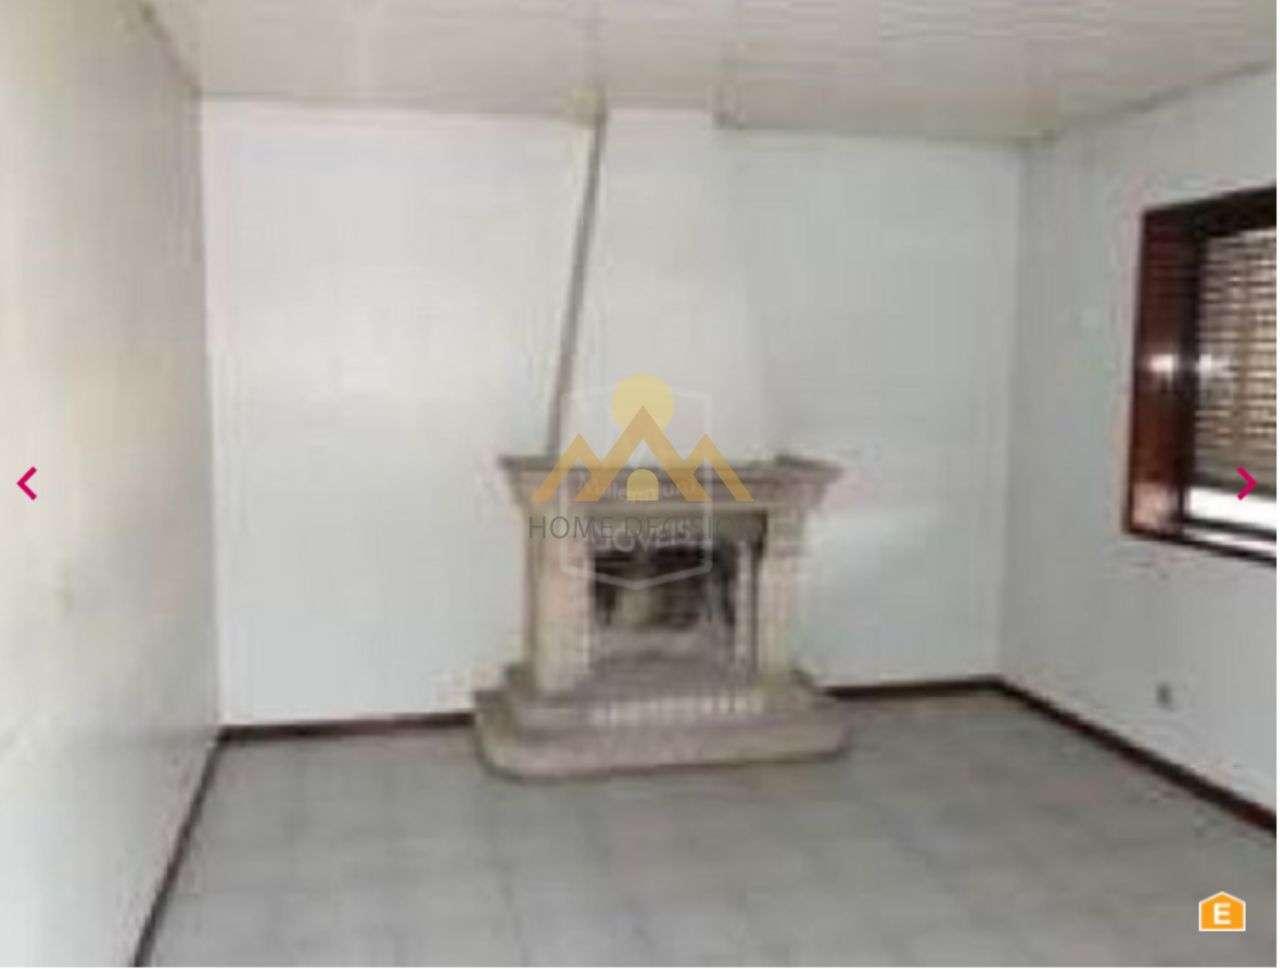 Apartamento para comprar, Lordelo, Paredes, Porto - Foto 3